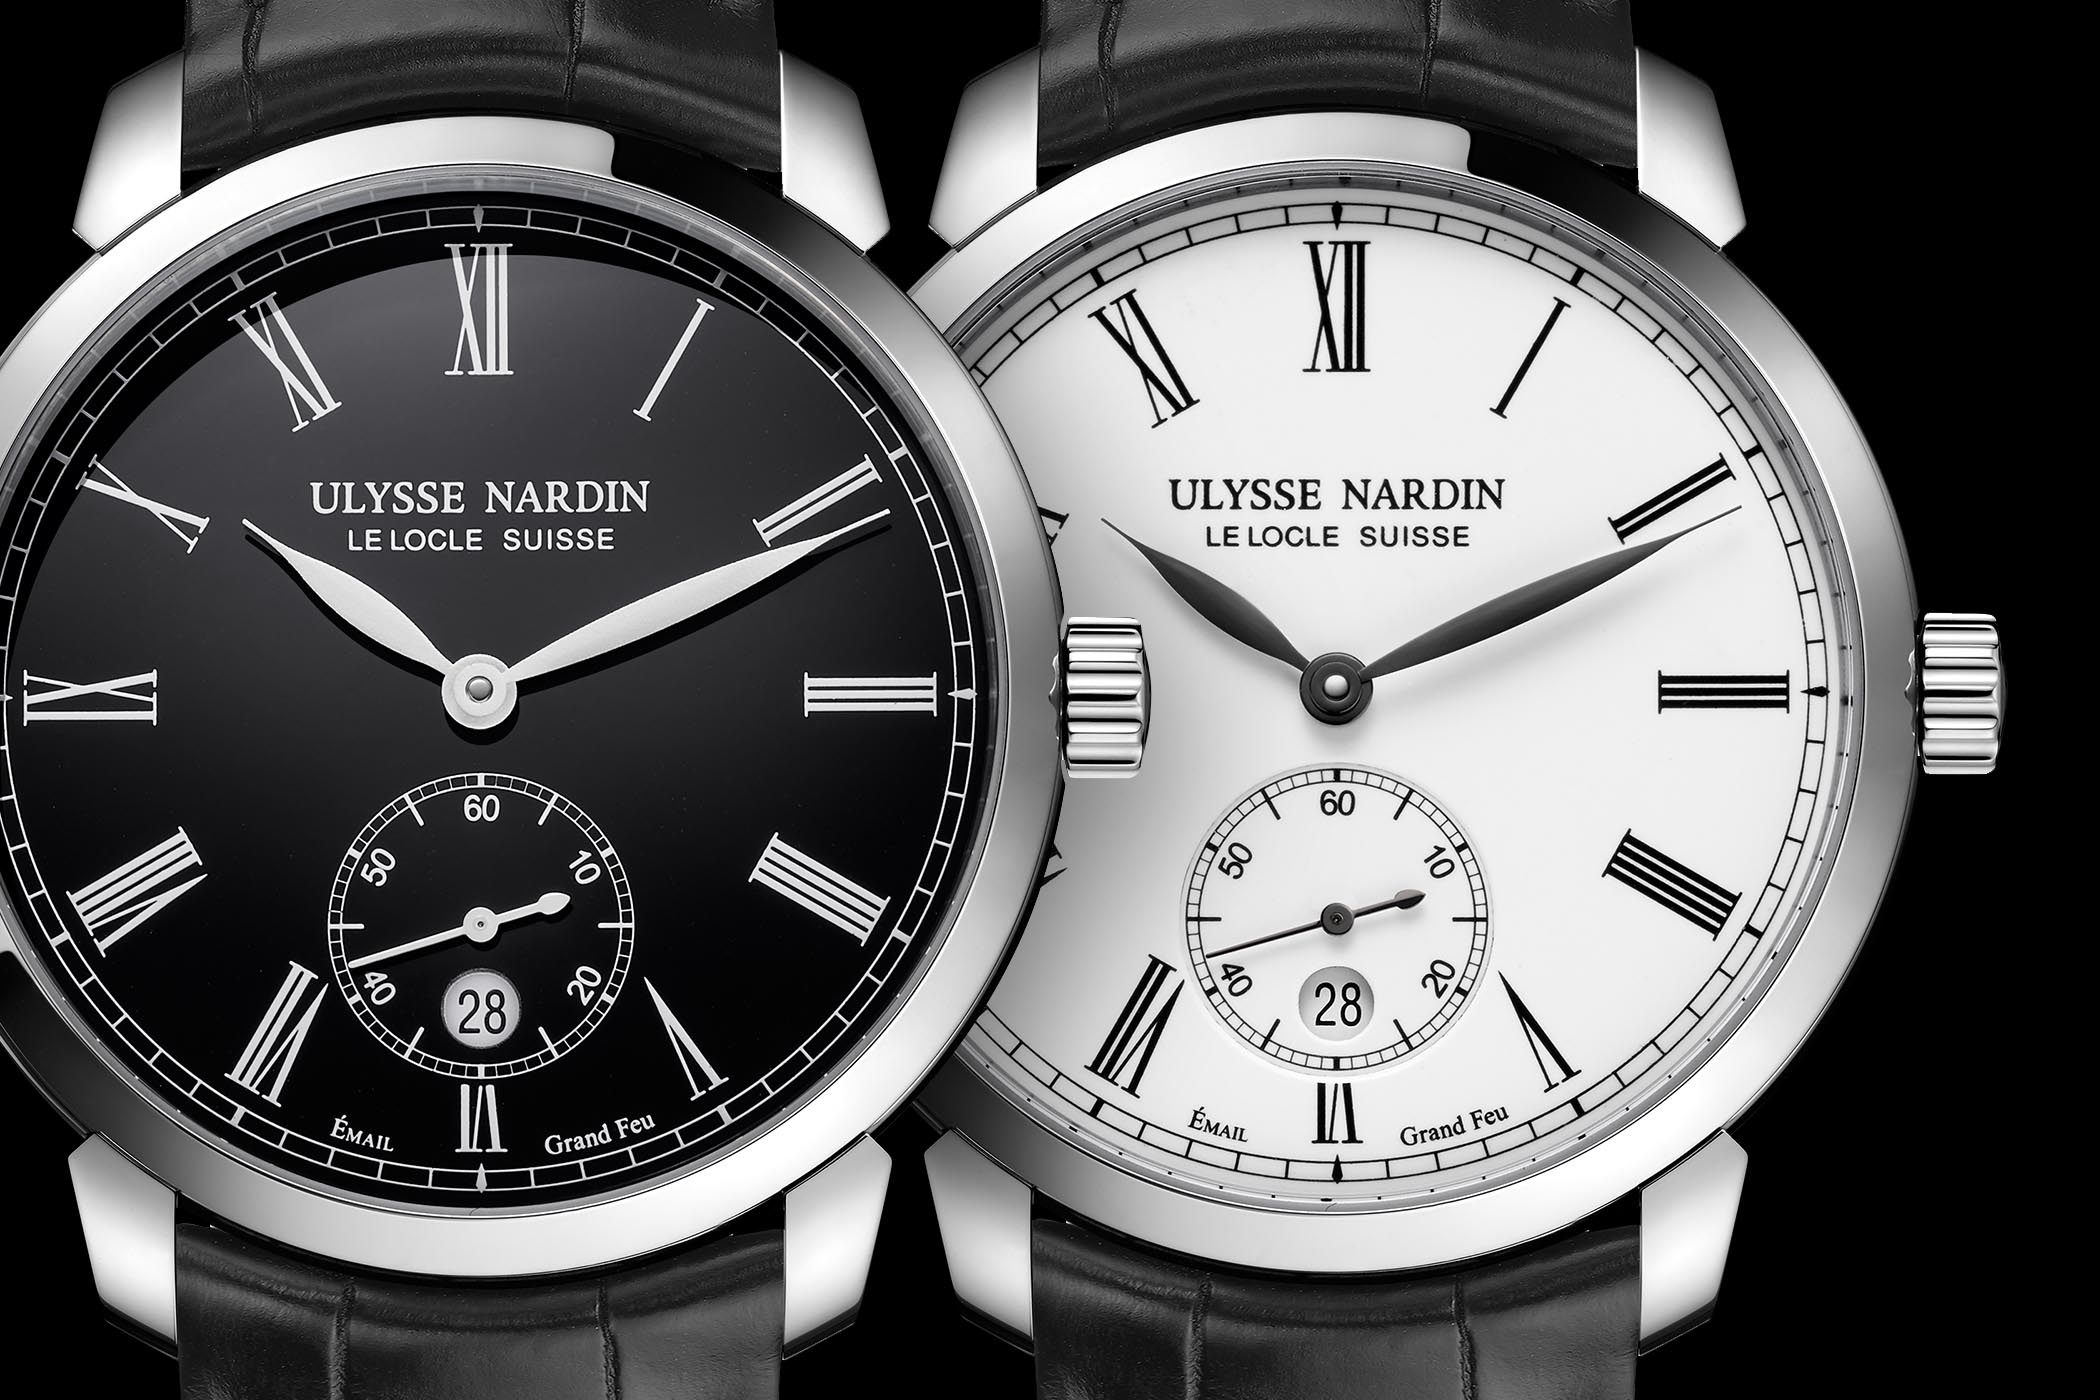 Ulysse Nardin Classico Manufacture Grand Feu pre-SIHH 2018